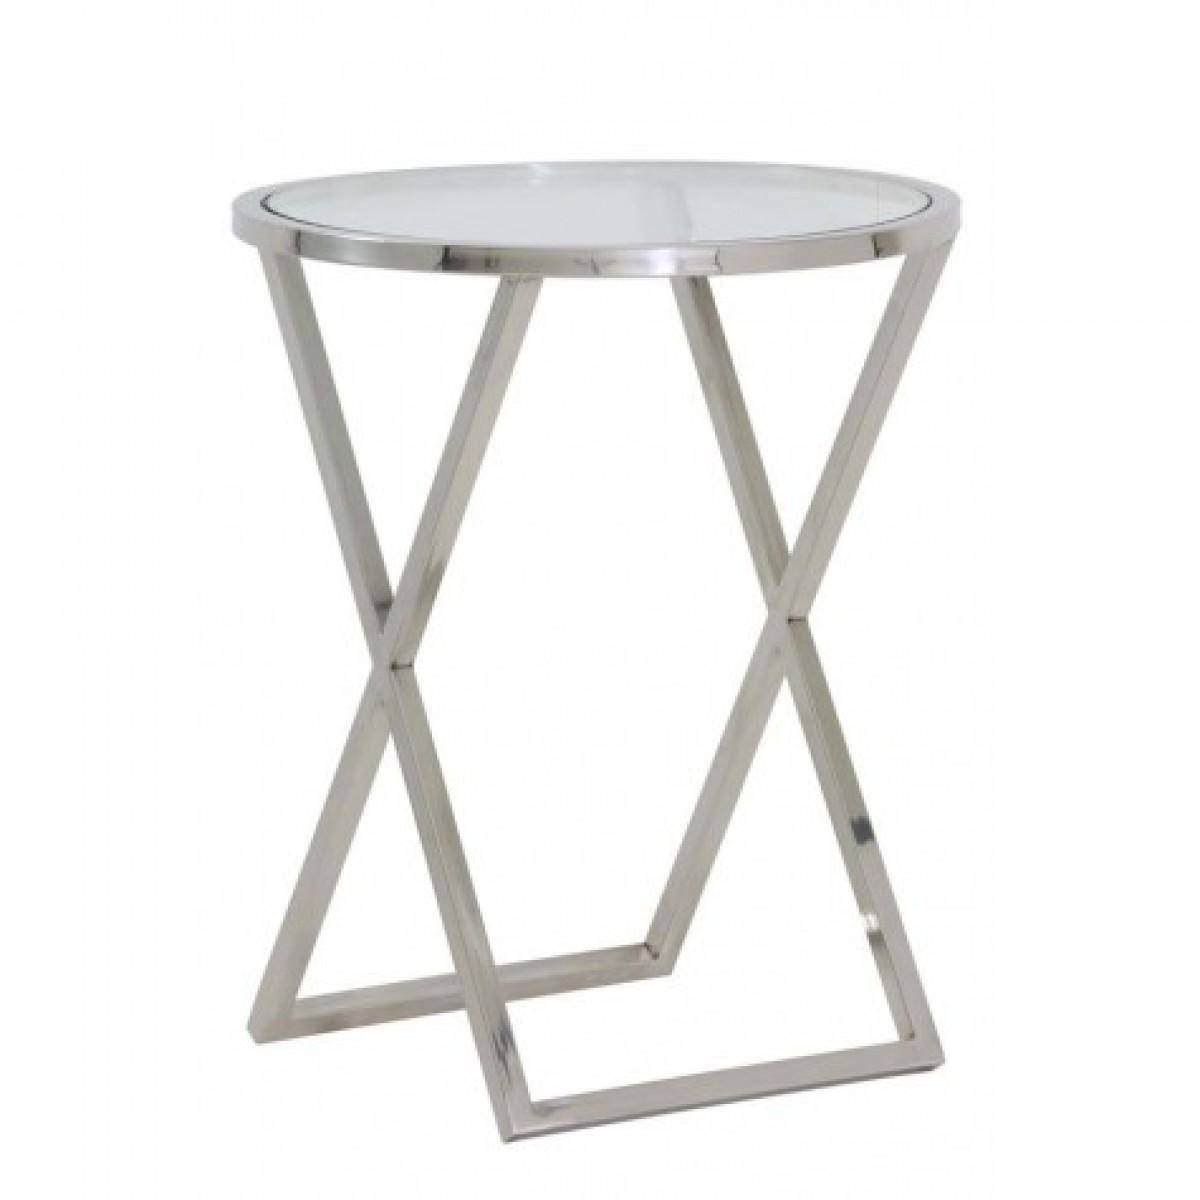 Entzückend Beistelltisch Glas Metall Dekoration Von Silber Glas-metall Verchromt, Verchromt Glas, Durchmesser 50